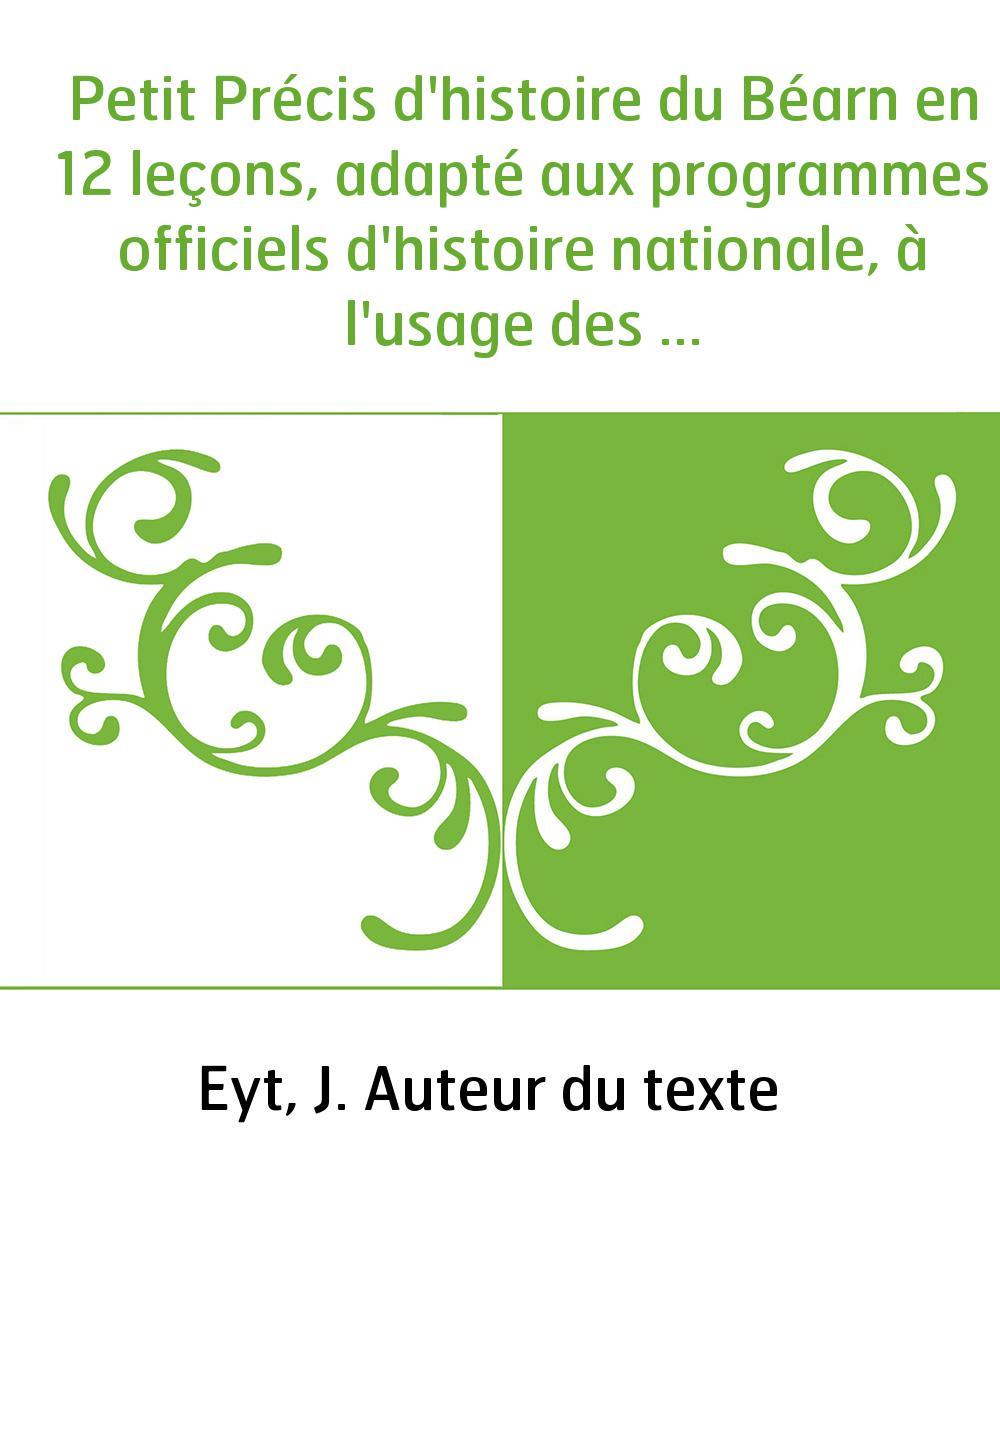 Petit Précis d'histoire du Béarn en 12 leçons, adapté aux programmes officiels d'histoire nationale, à l'usage des écoles primai